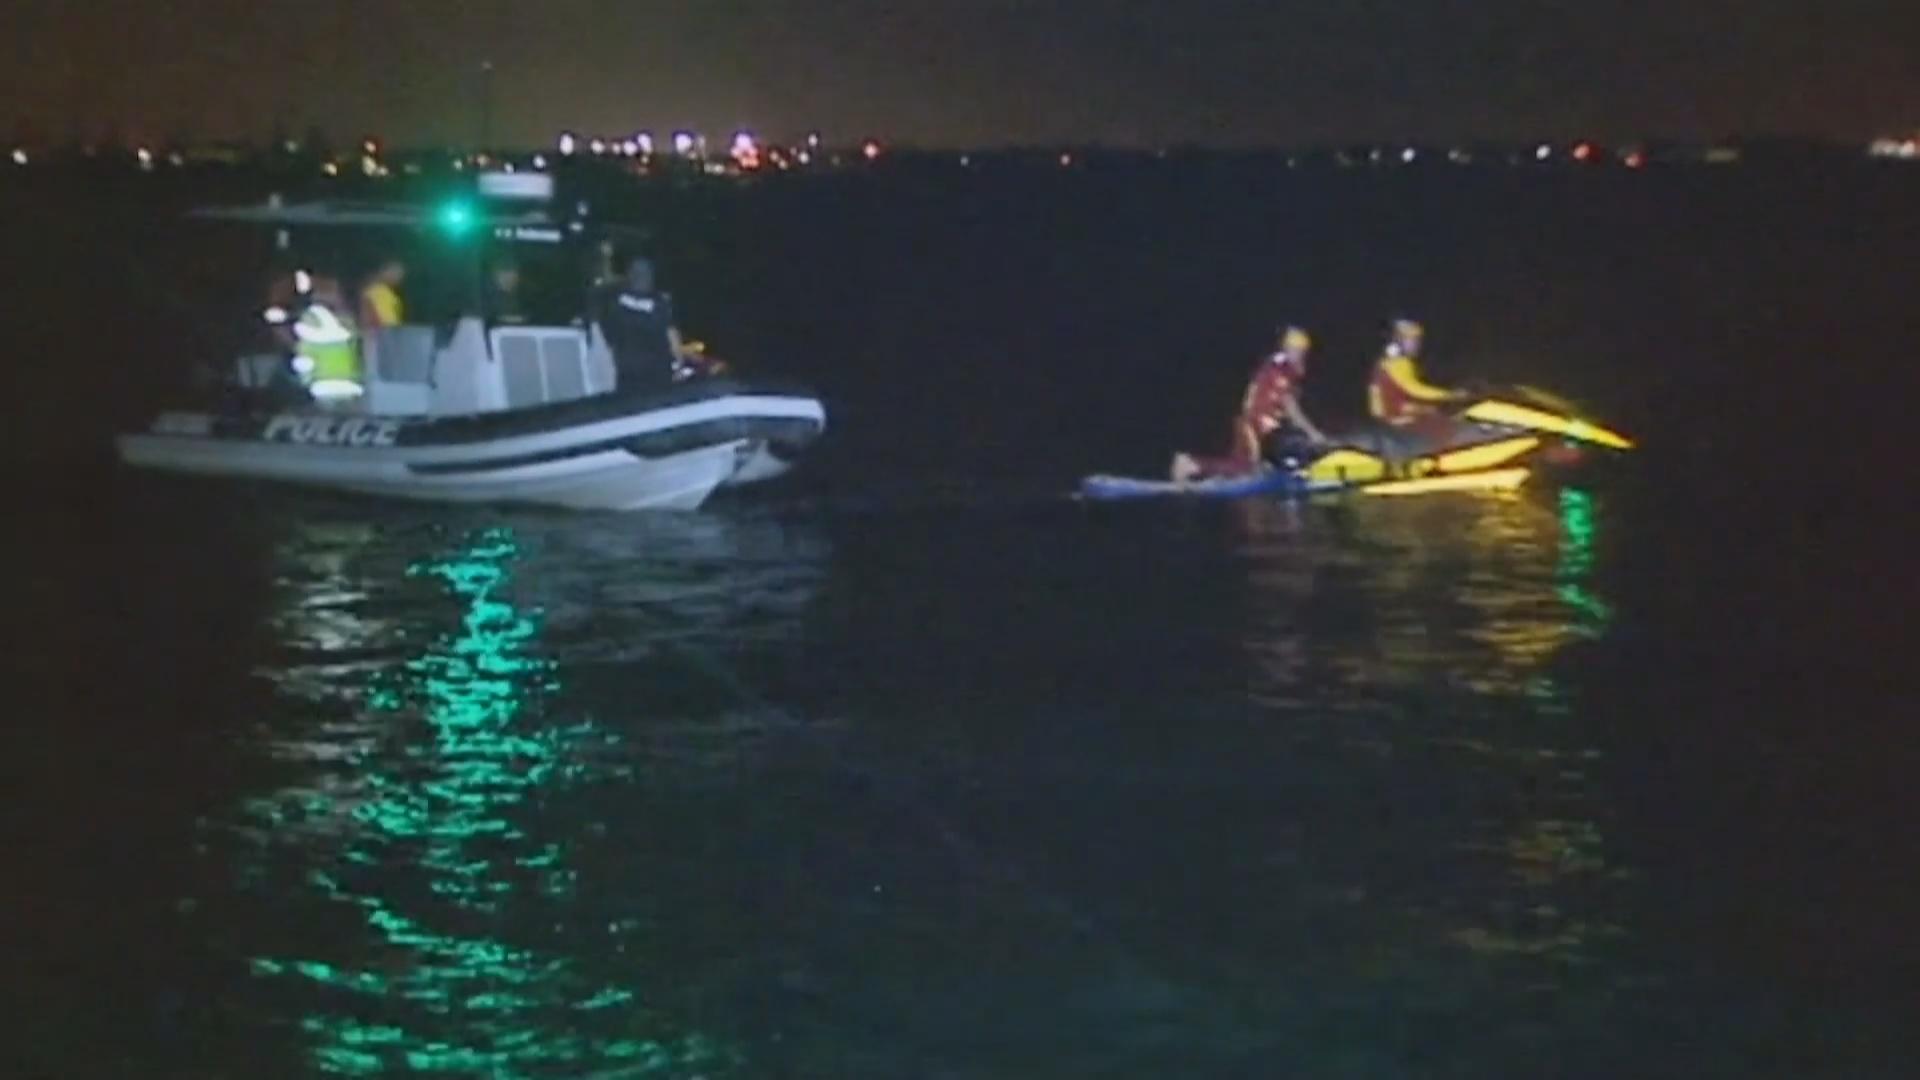 Австралийские спасатели на воде обучаются по ночам